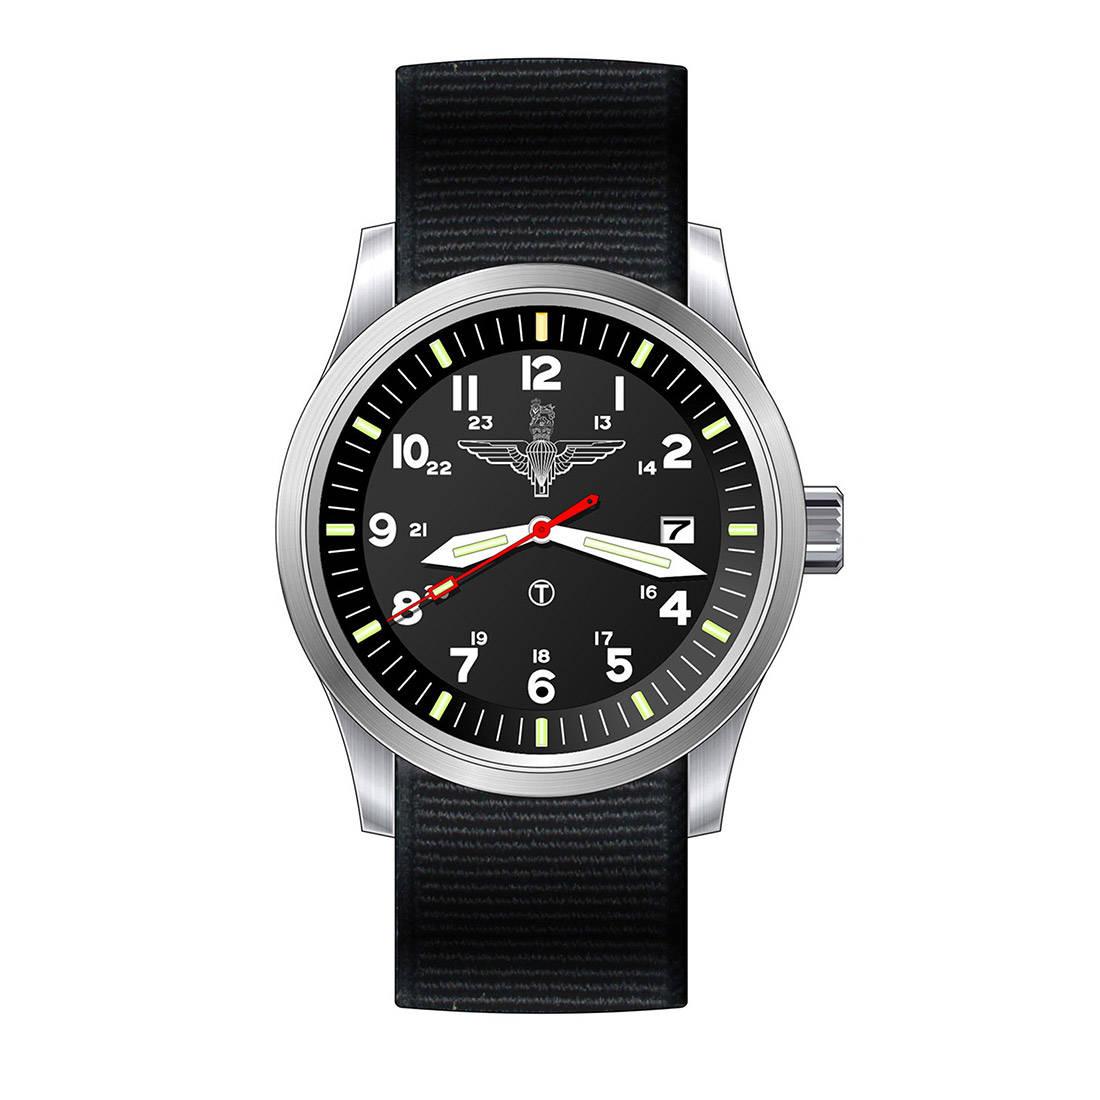 G10 Regimental Watch Stainless Steel - Para Edition (Traser)